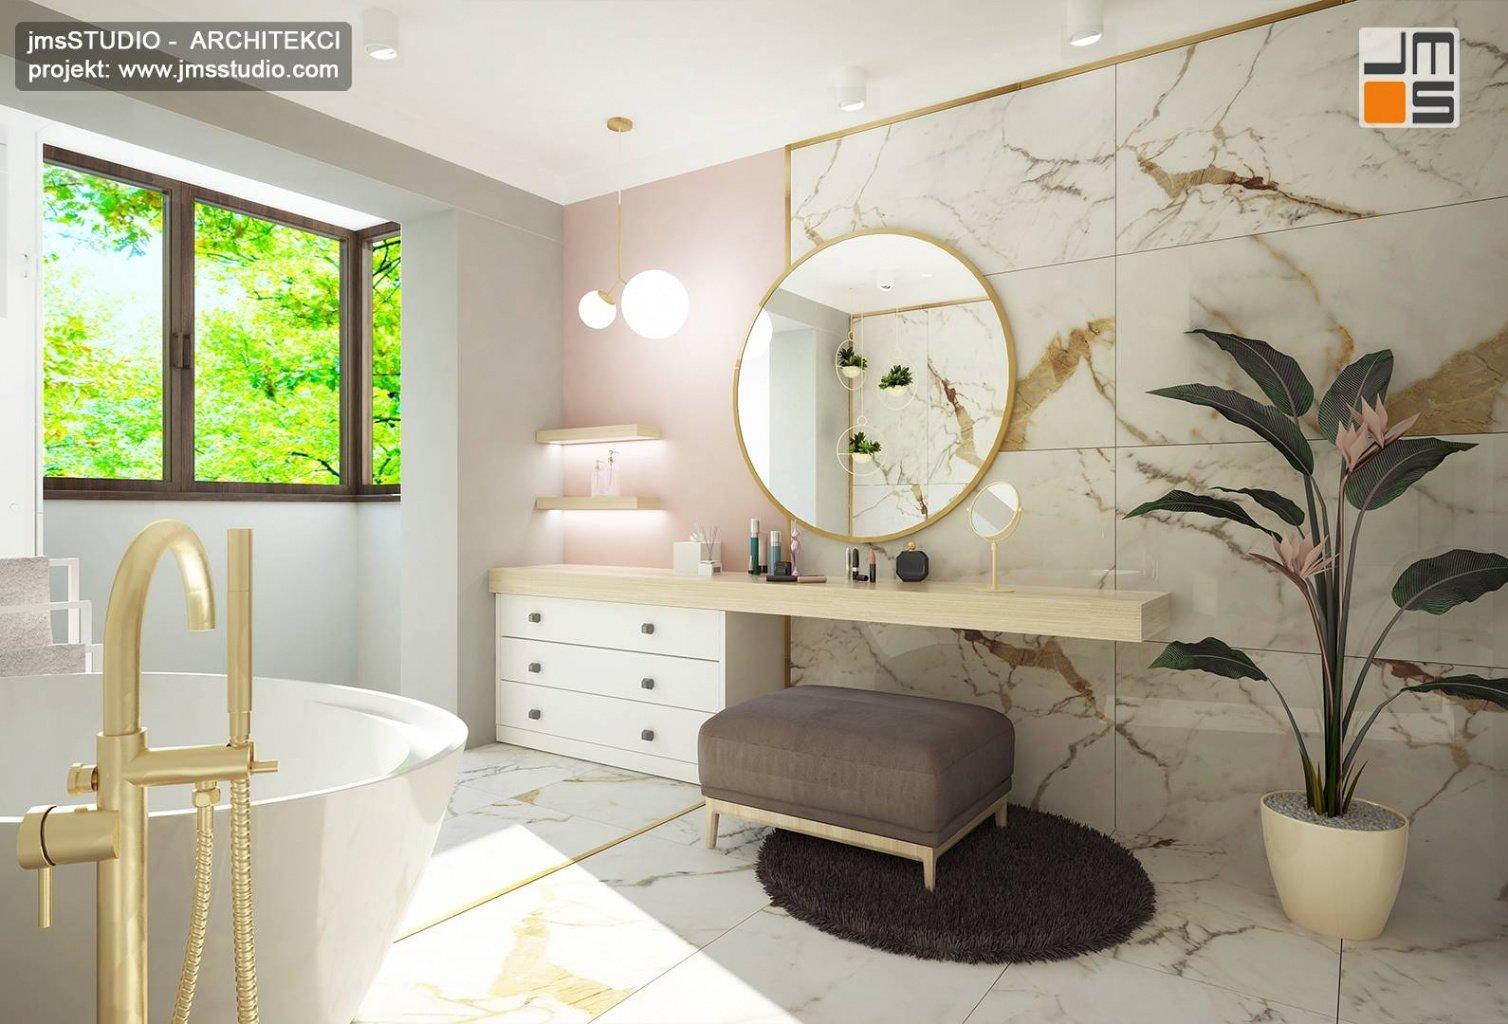 projekt aranżacji łazienki Katowice z duże okrągłe lustro i złote dodatki